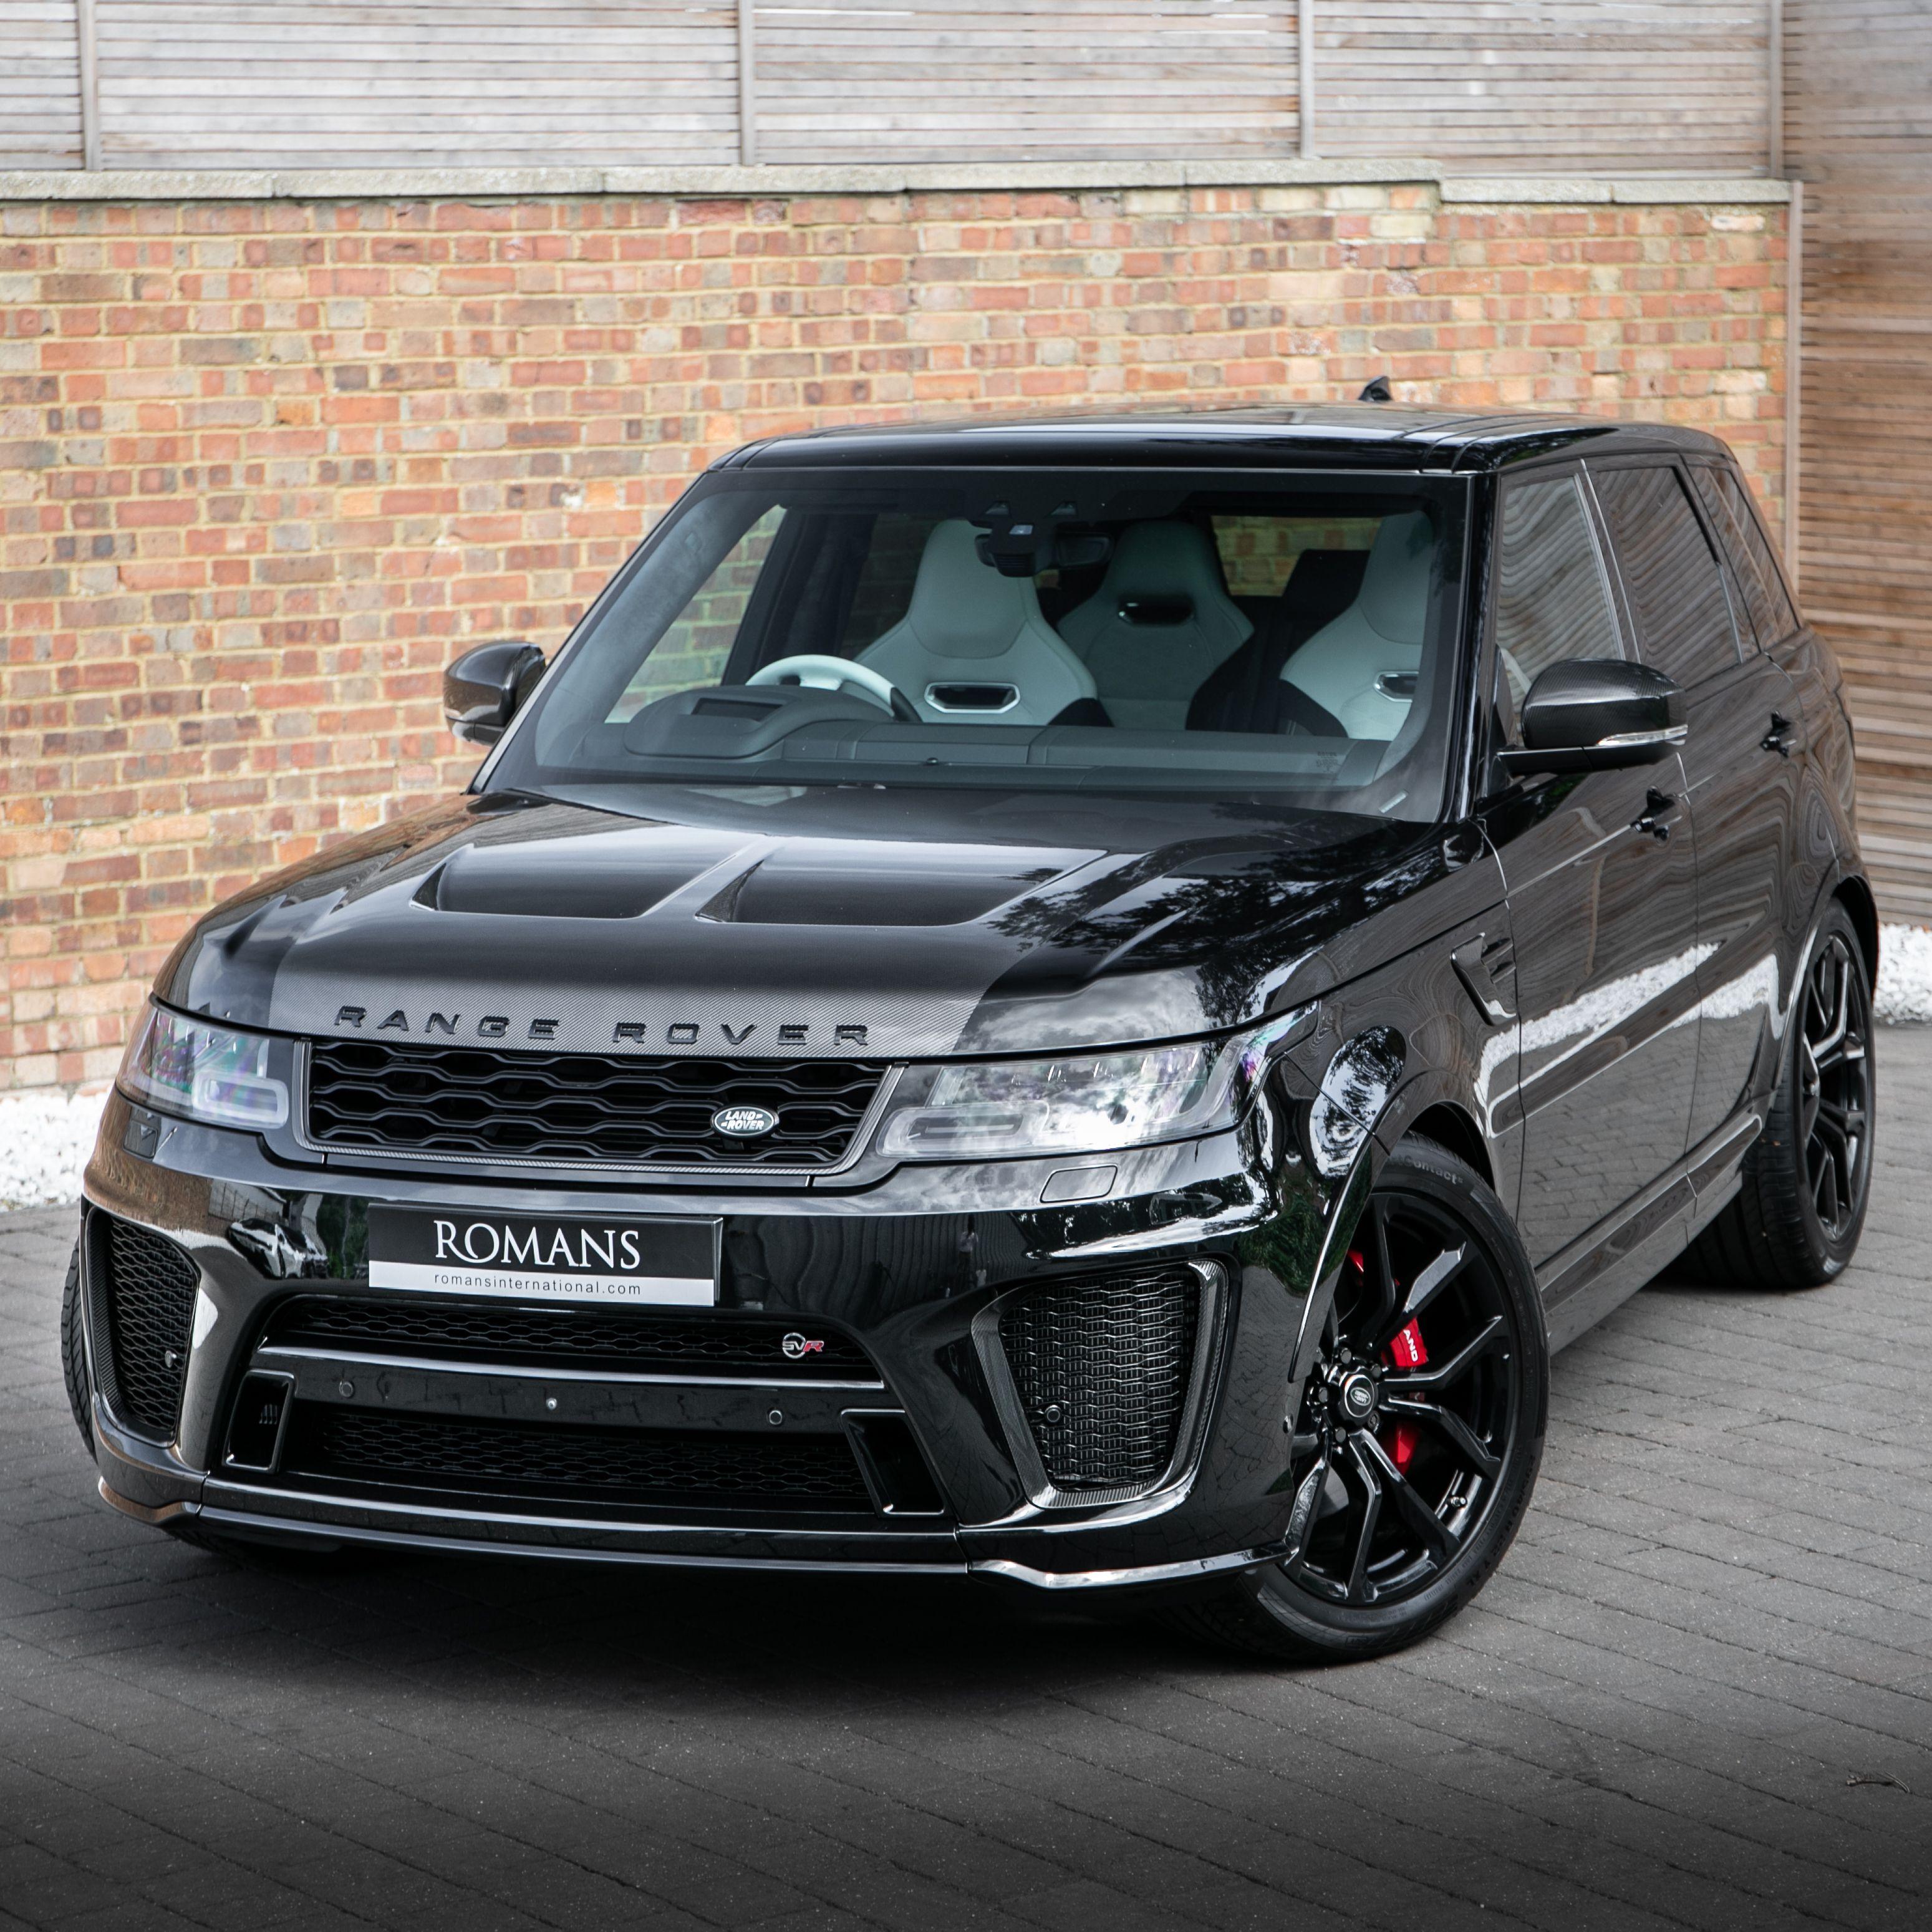 2019 Used Land Rover Range Rover Sport Svr Range rover